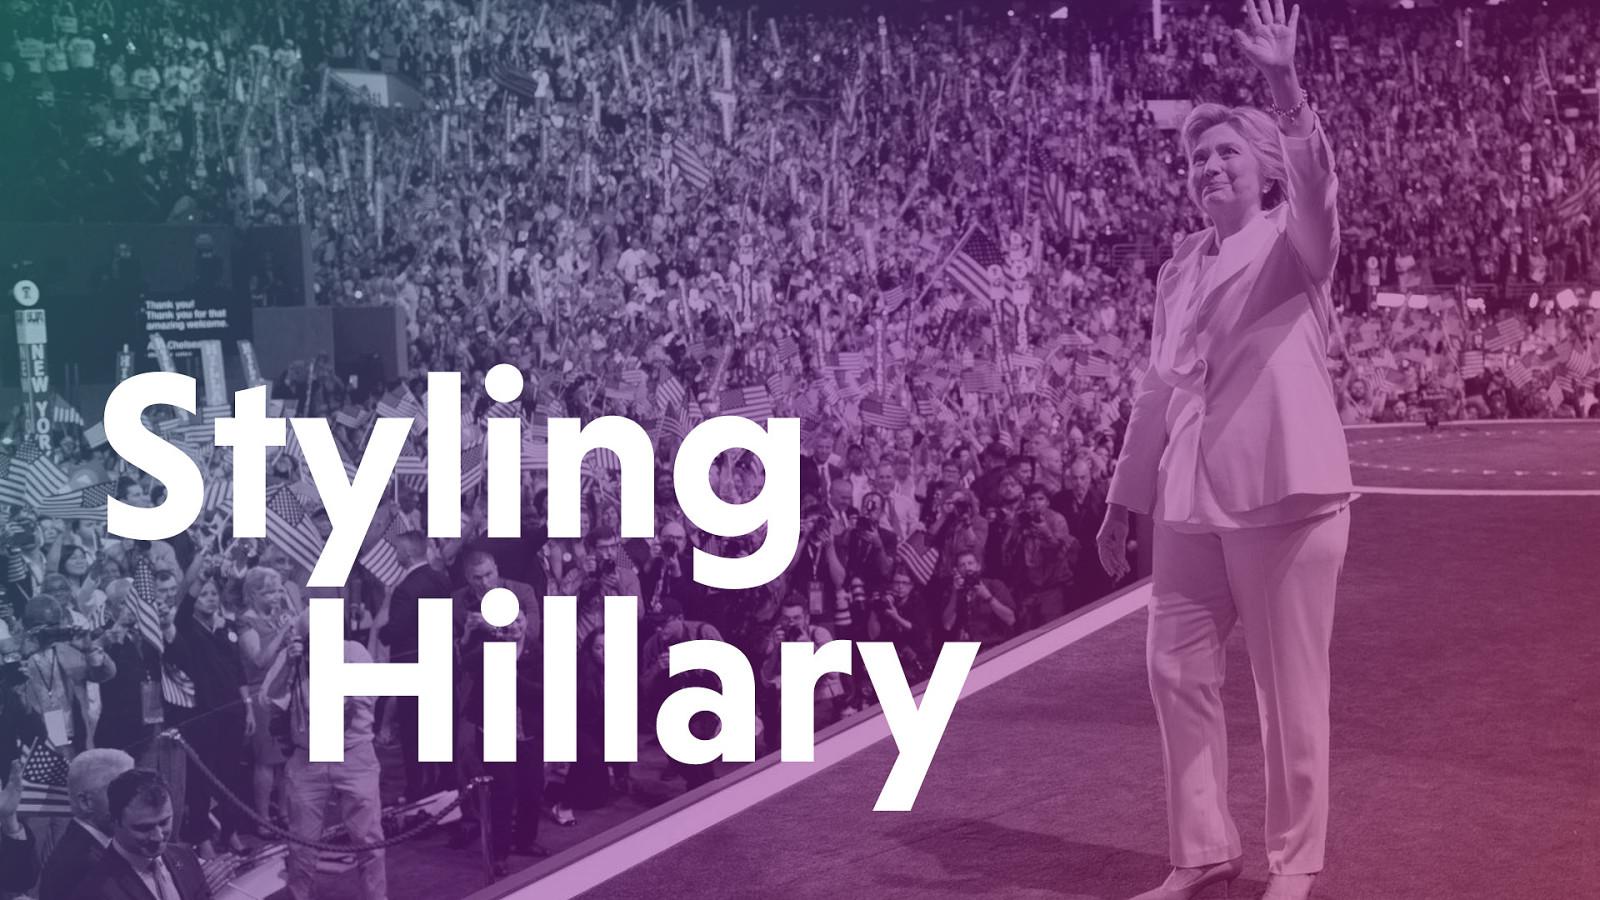 Styling Hillary by Mina Markham